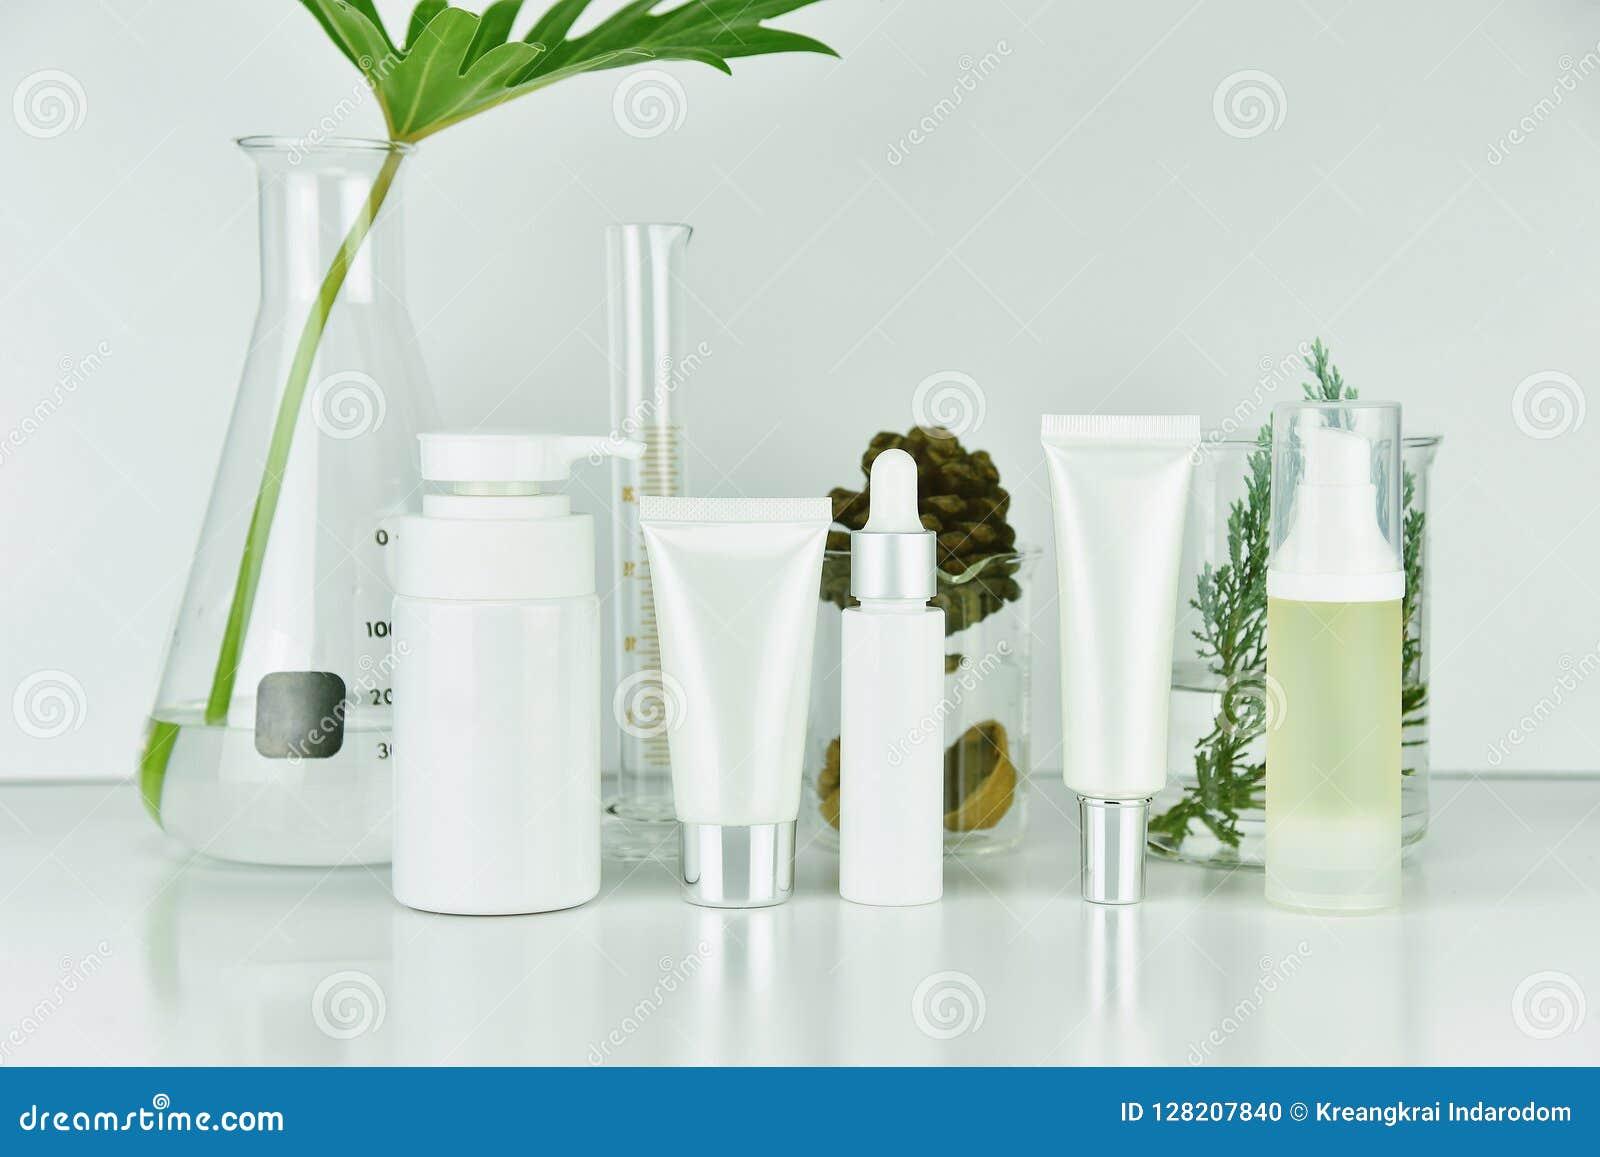 Το καλλυντικό και skincare εμφιαλώνει τα εμπορευματοκιβώτια με τα πράσινα βοτανικά φύλλα, κενή συσκευασία ετικετών για το μαρκάρι